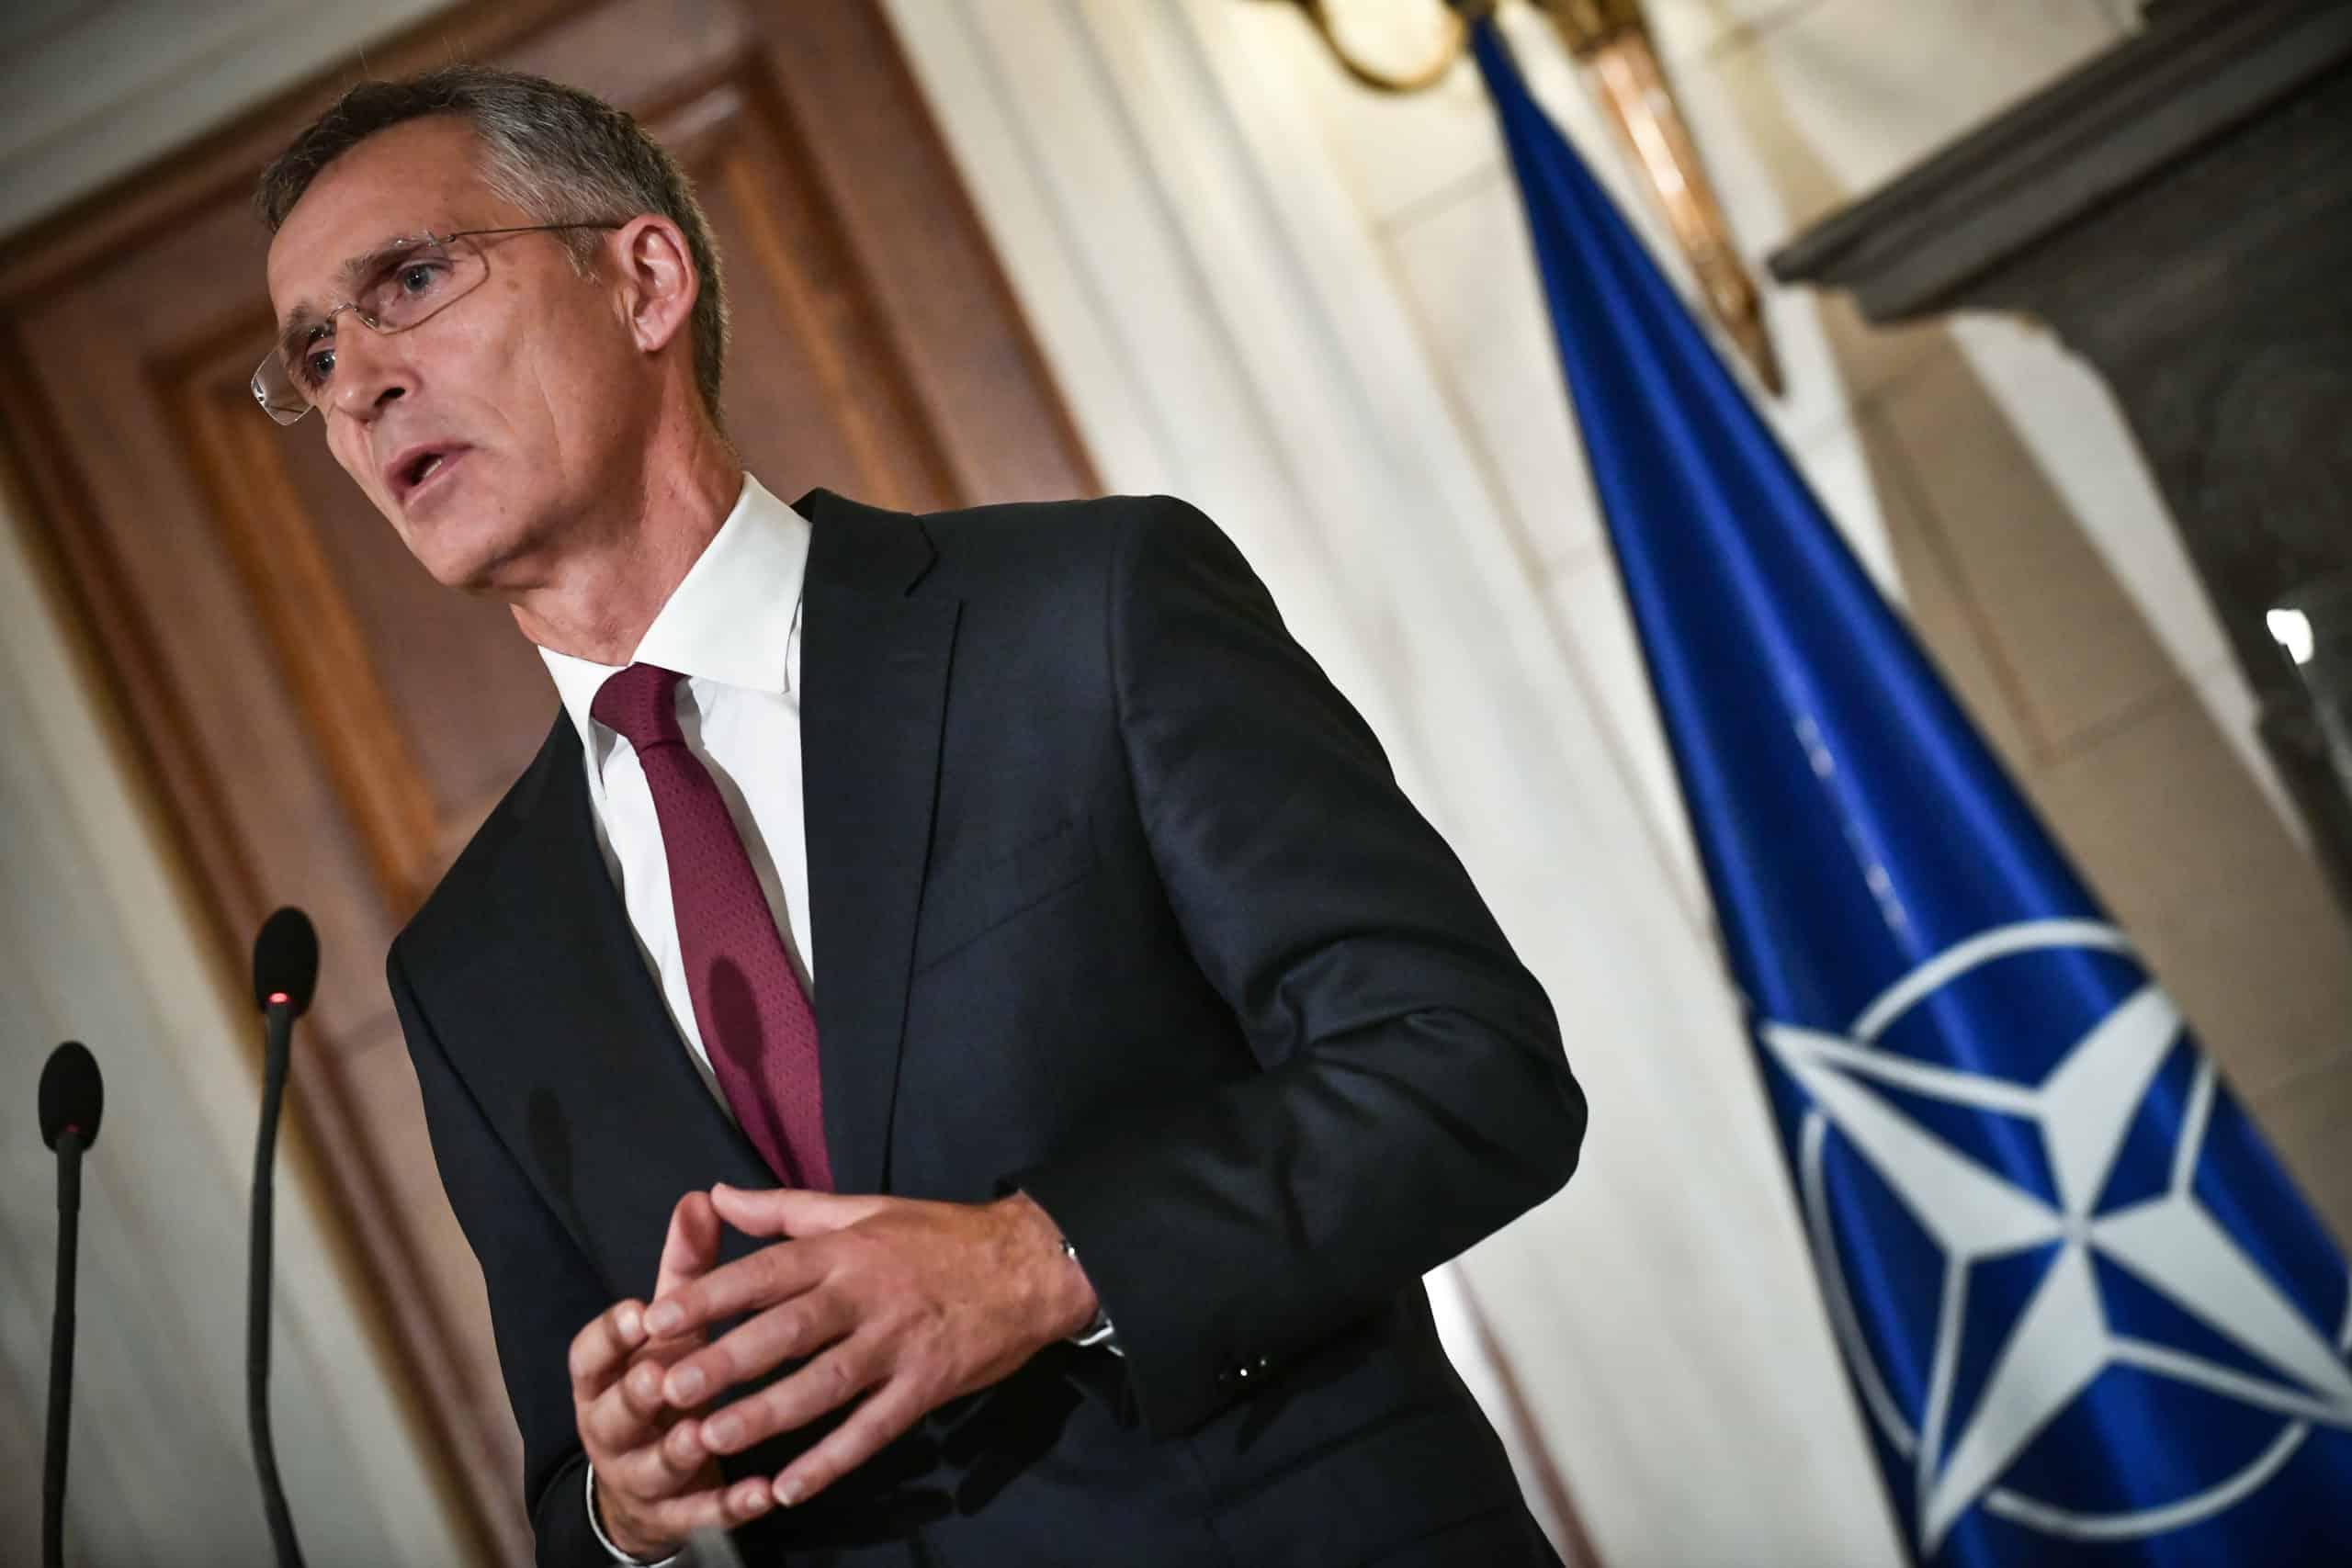 Βόρεια Μακεδονία: Και επίσημα μέλος του ΝΑΤΟ